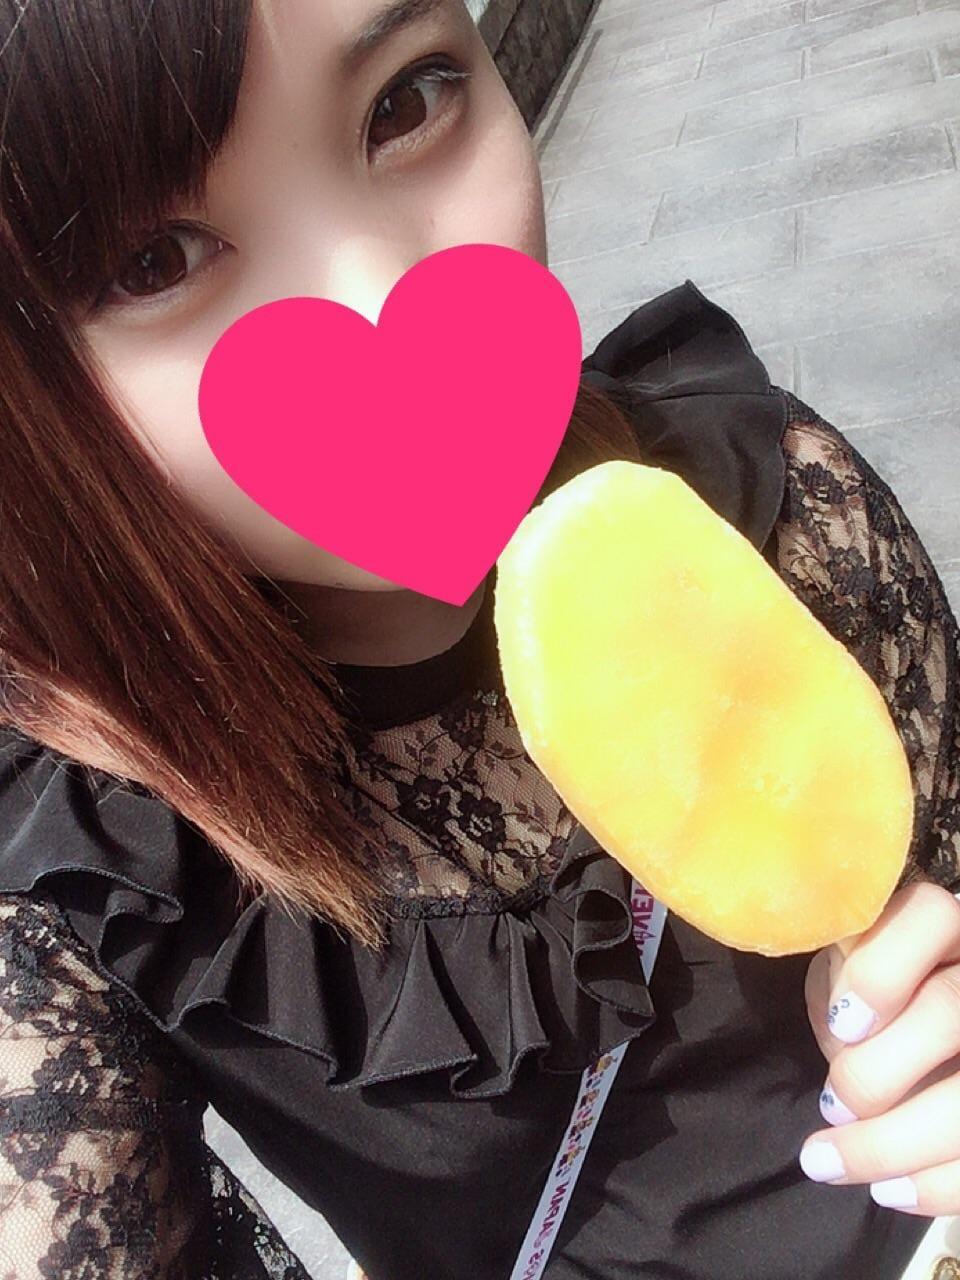 「うどんだ〜」07/20(07/20) 21:30 | あいの写メ・風俗動画